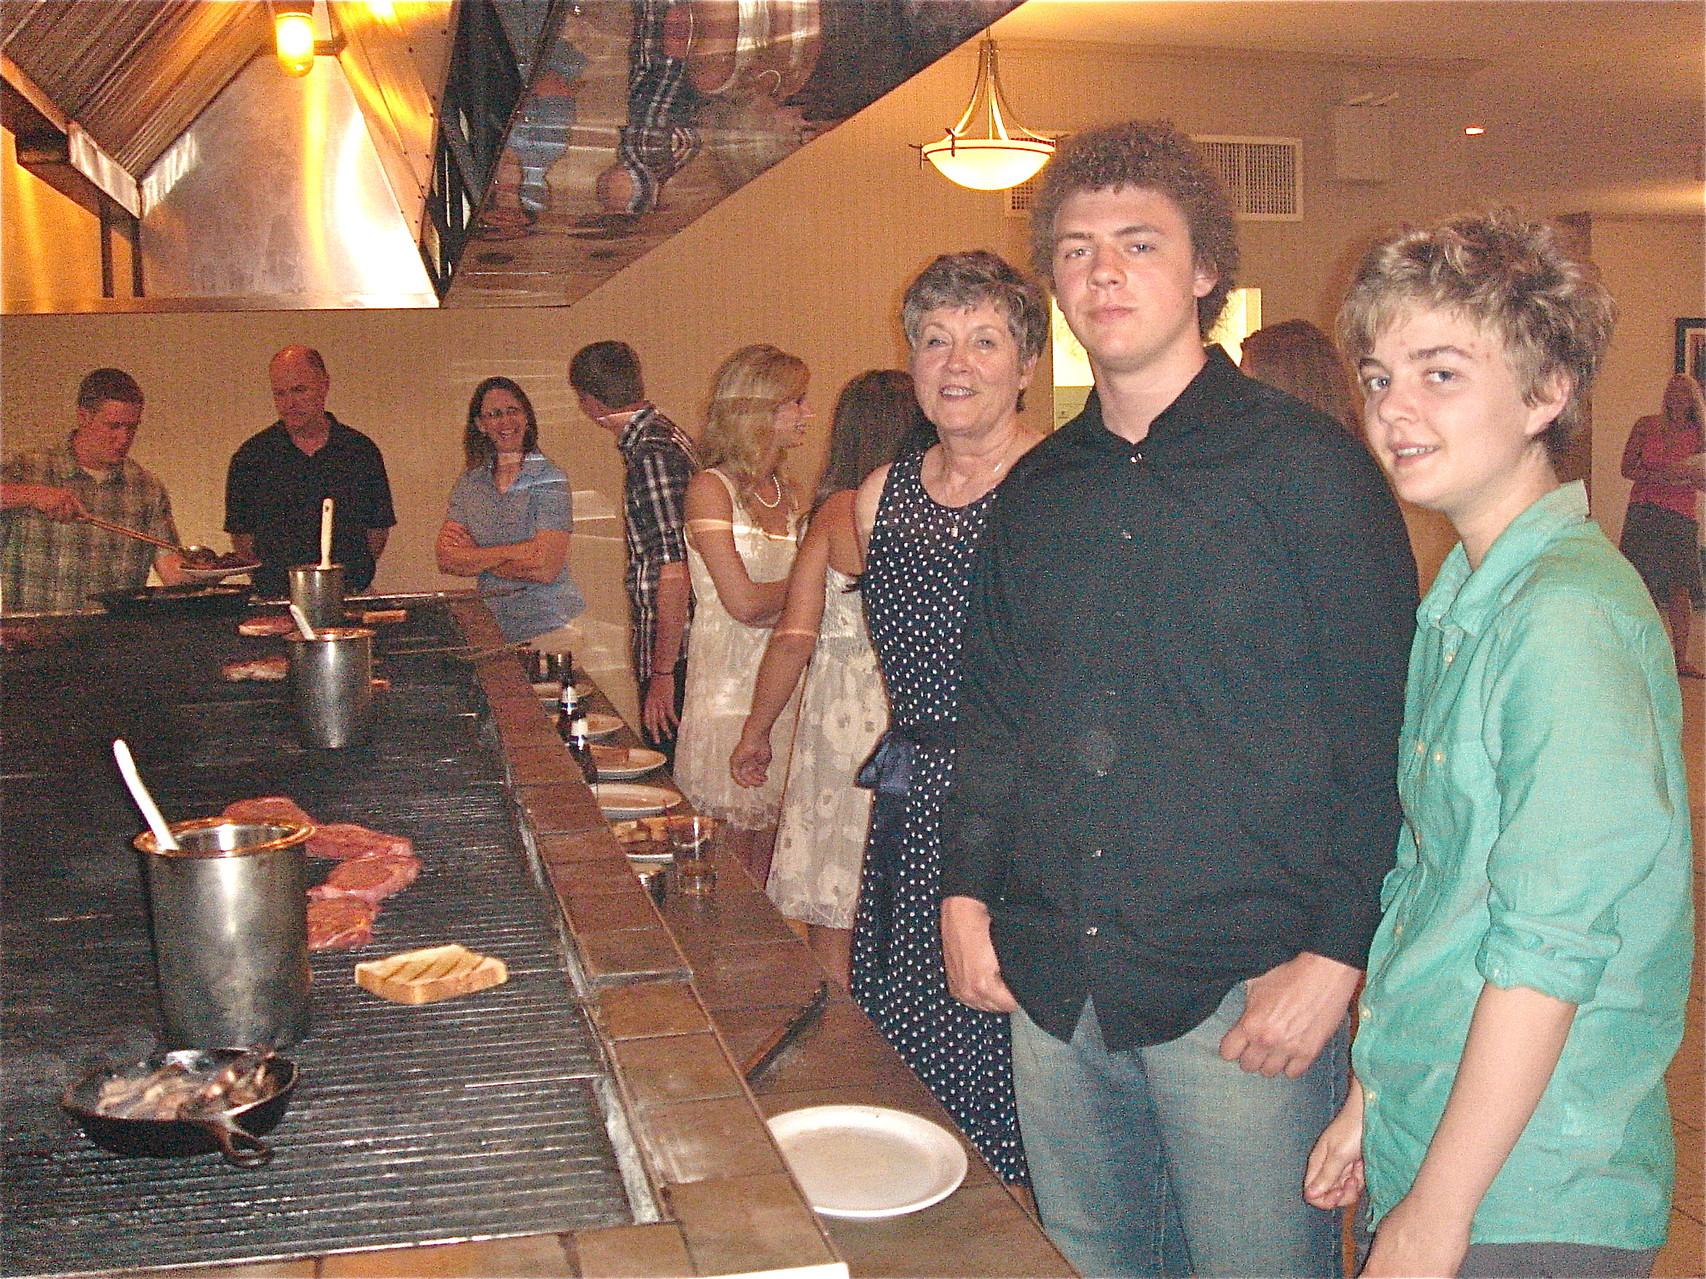 Rehearsal Dinner: Cindy, Ben, & Kathleen